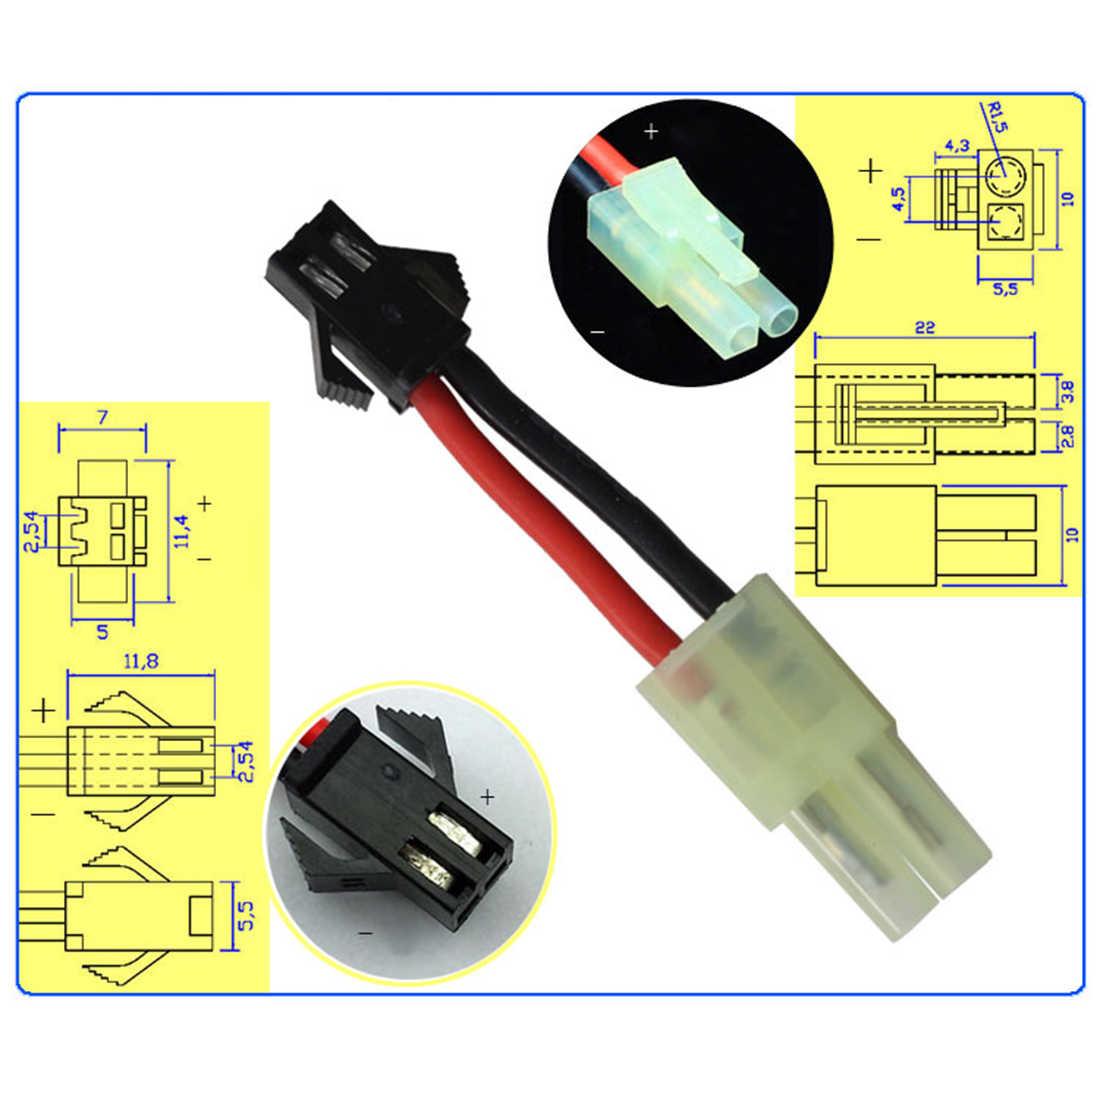 Enchufe macho hembra SM a Tamiya, adaptador de conversión de línea de enchufe para agua, Gel, cuentas, Blaster, modificación y actualización de batería